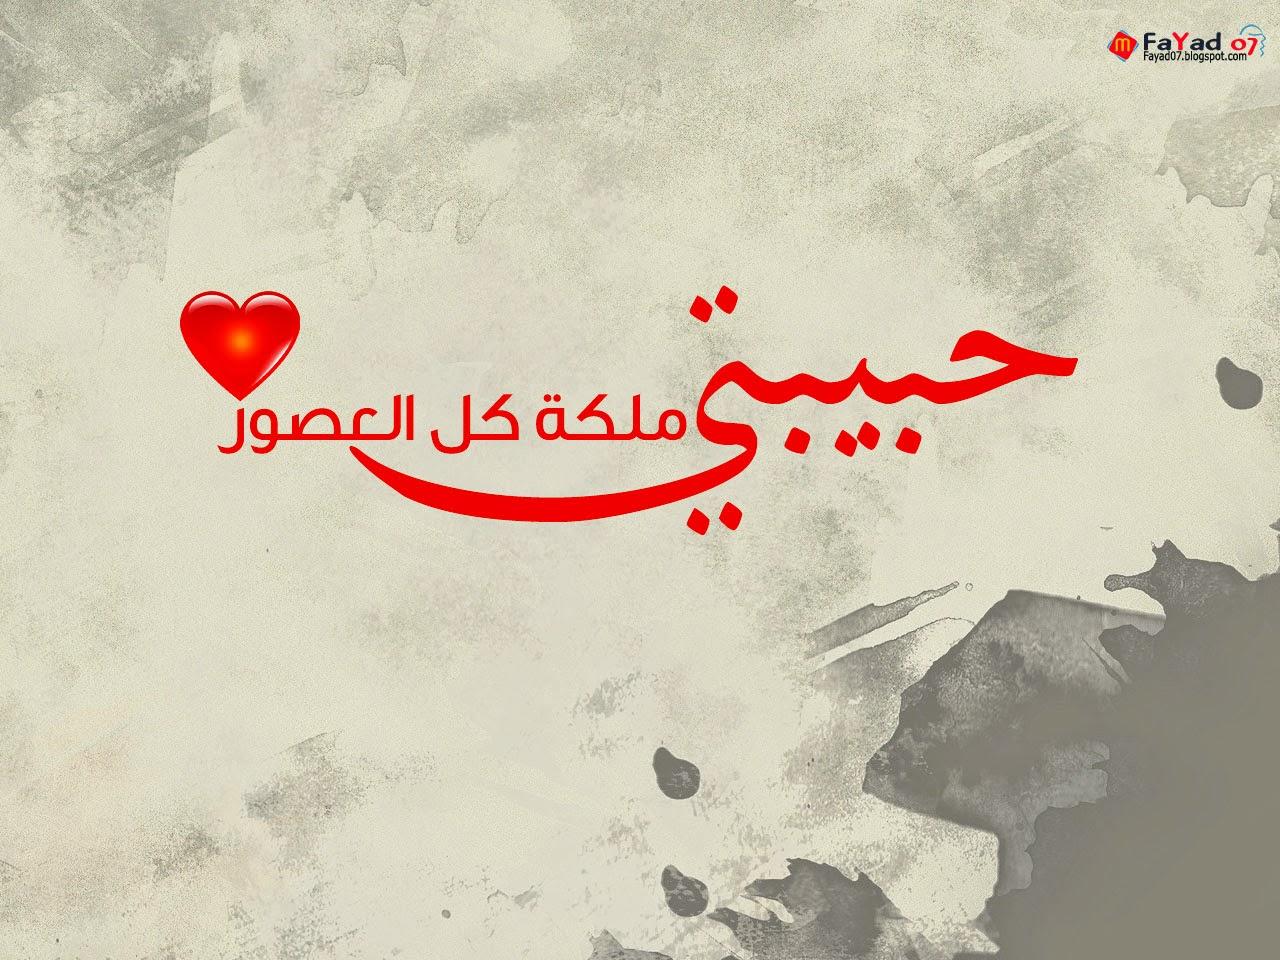 بالصور كلمات جميلة للحبيبة , اجمل كلمات مميزة للحبيبة 6328 3